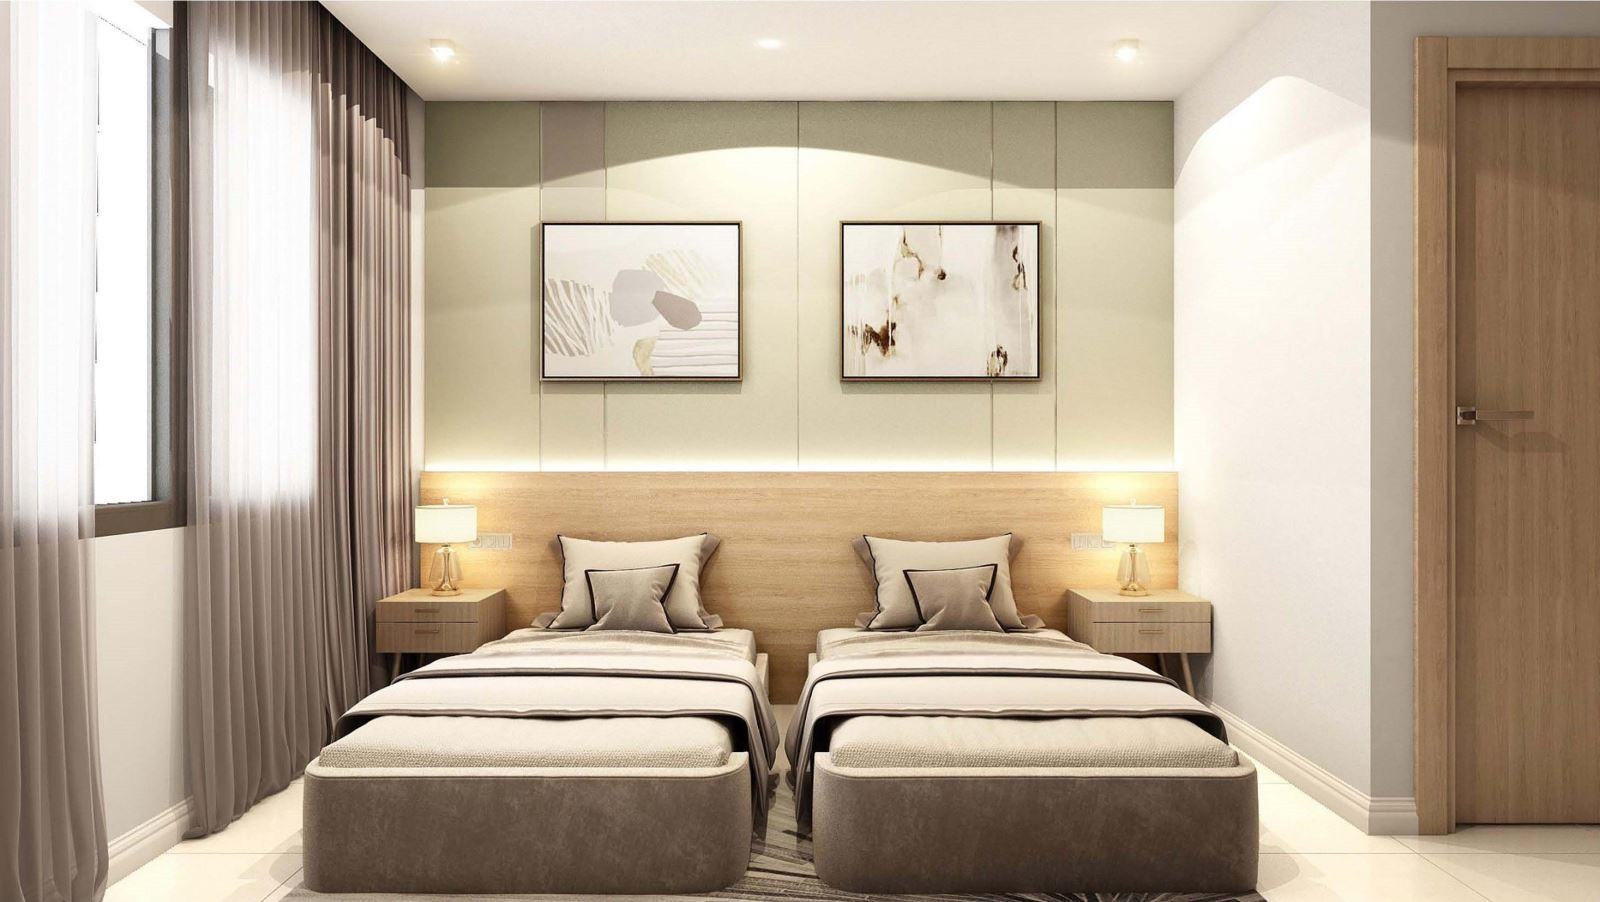 mẫu thiết kế nội thất khách sạn - Housedesign